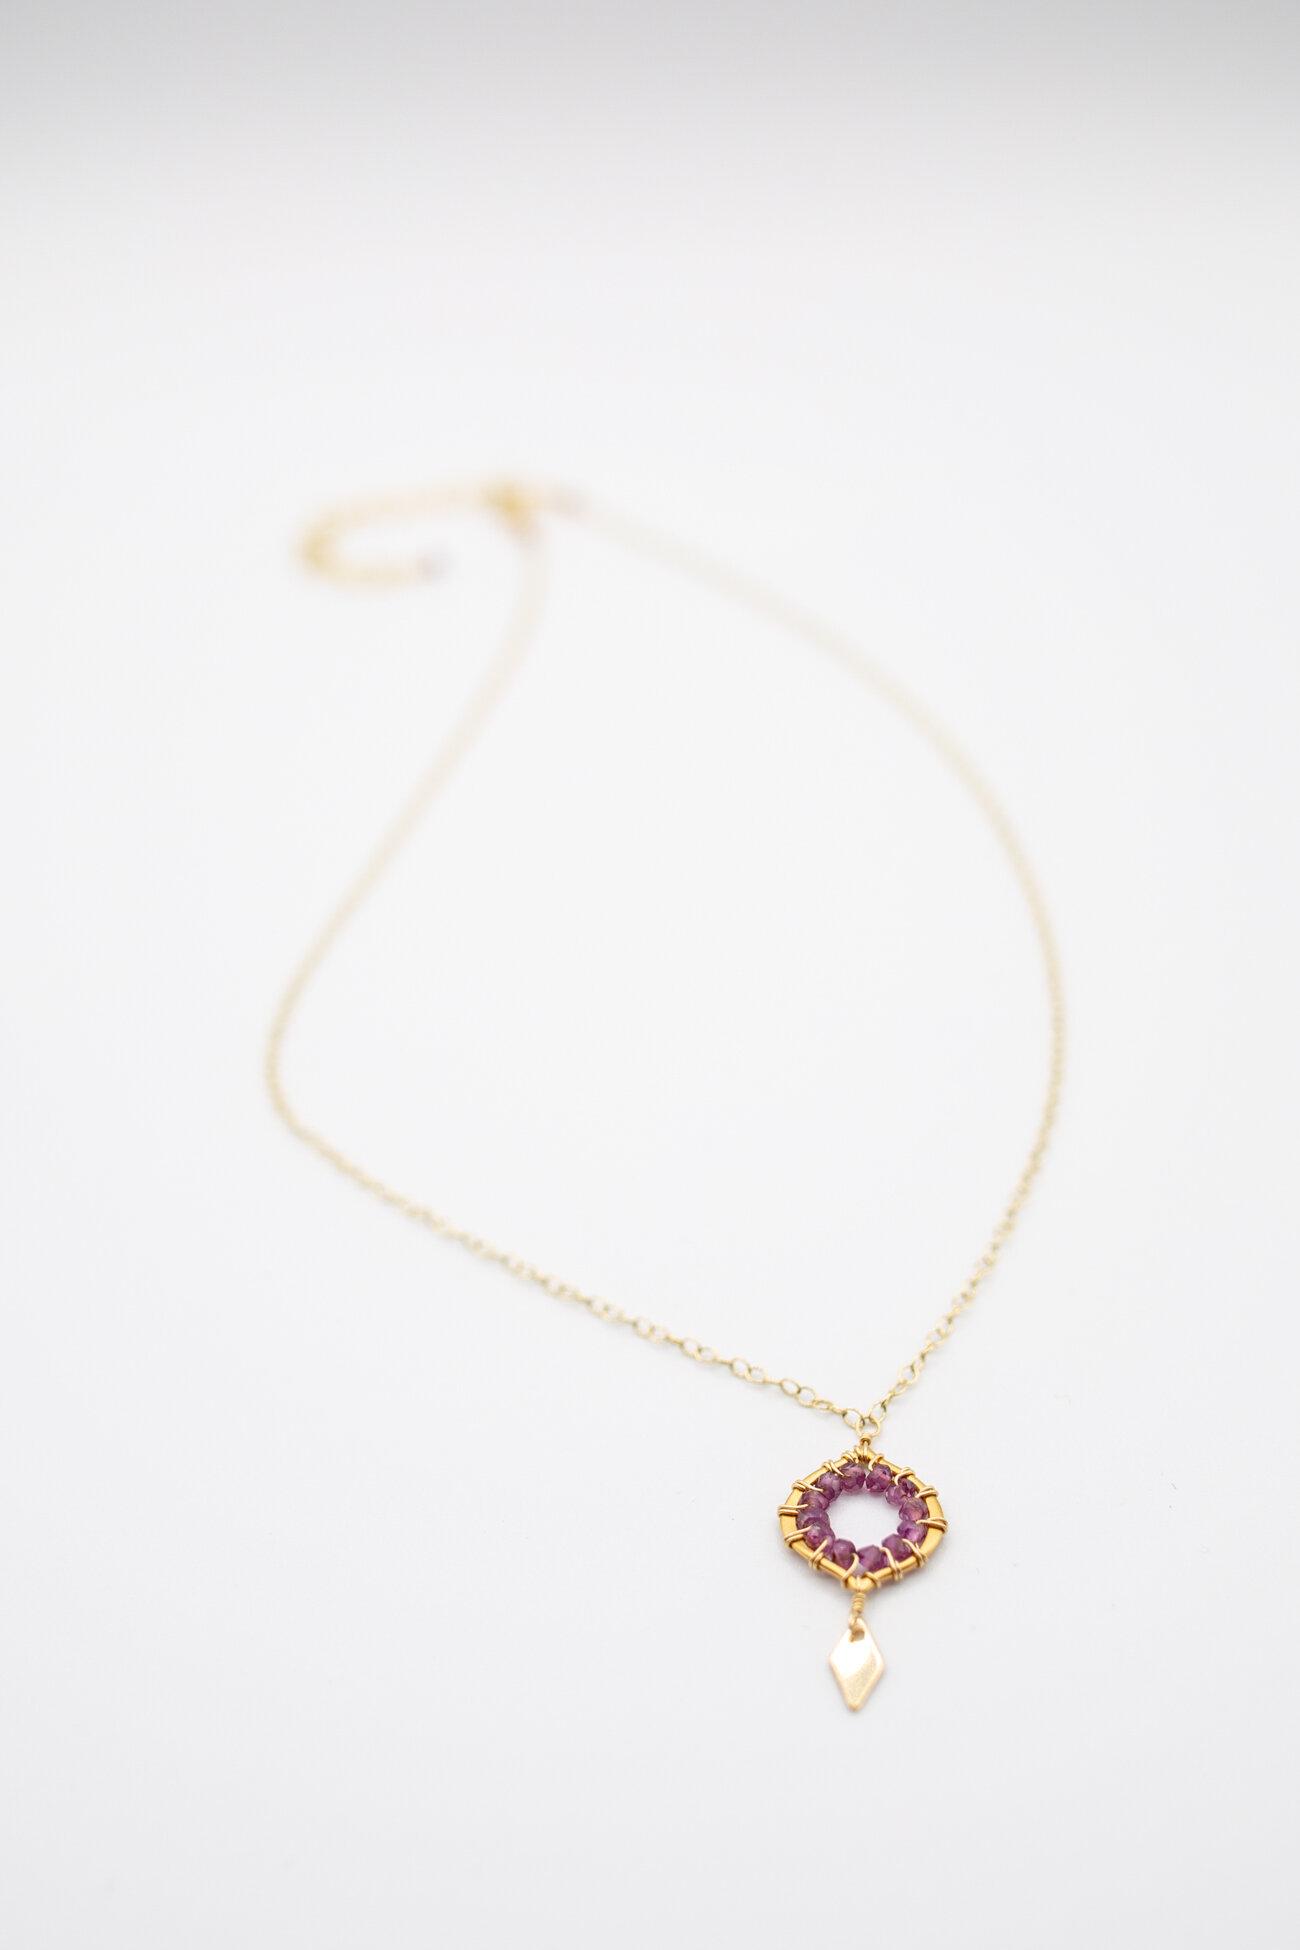 Susan Rifkin Jewelry Design by Avi Loren Fox LLC BLOG-1.jpg